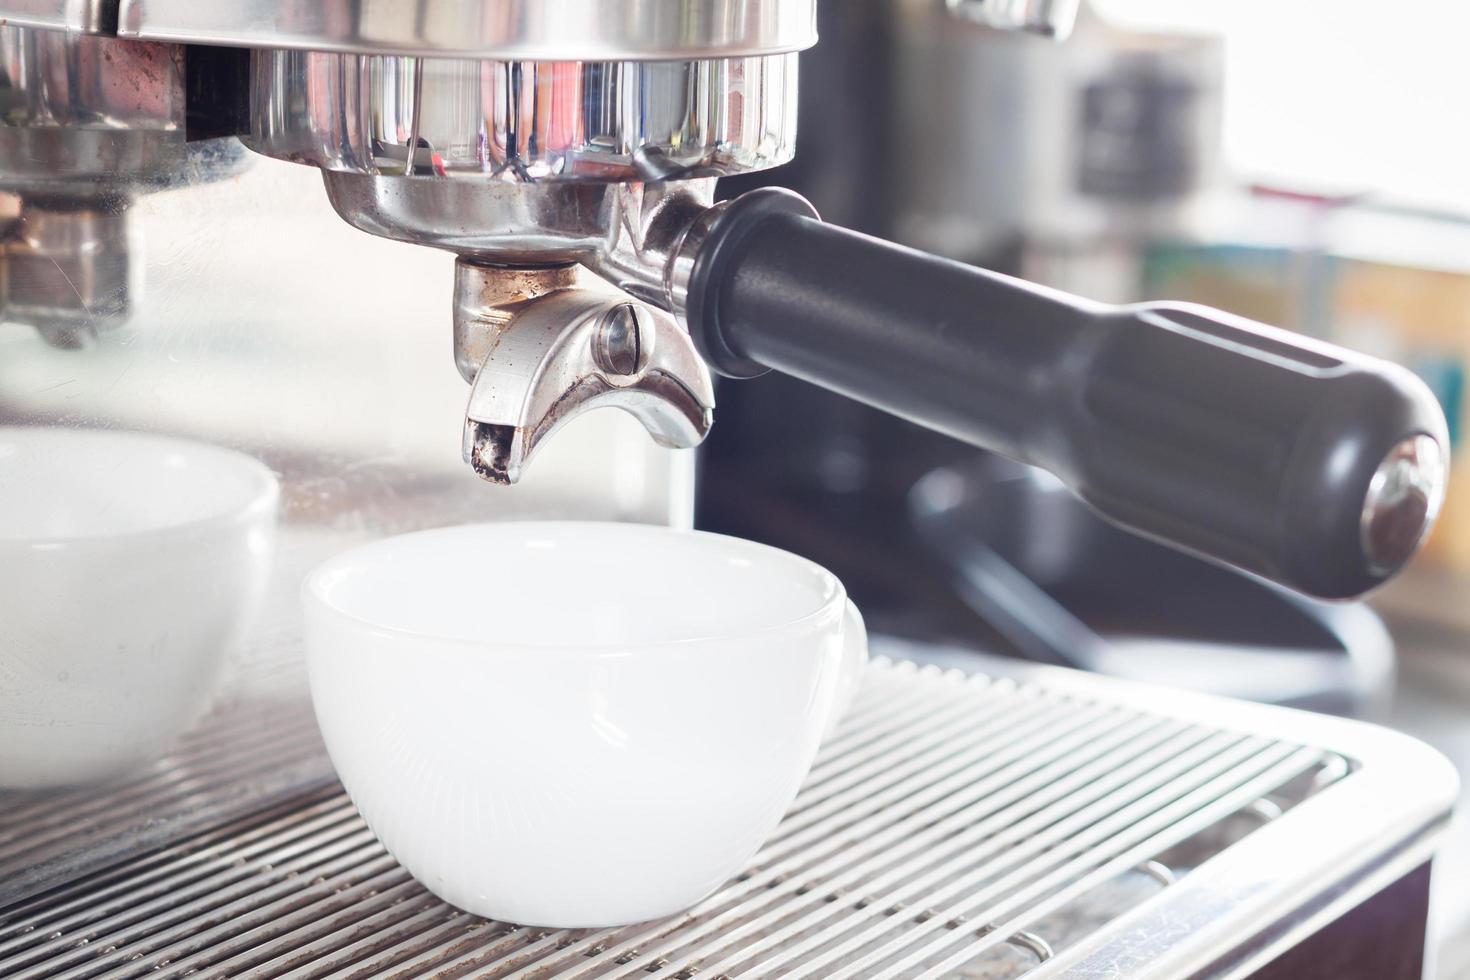 närbild av en espressokopp foto